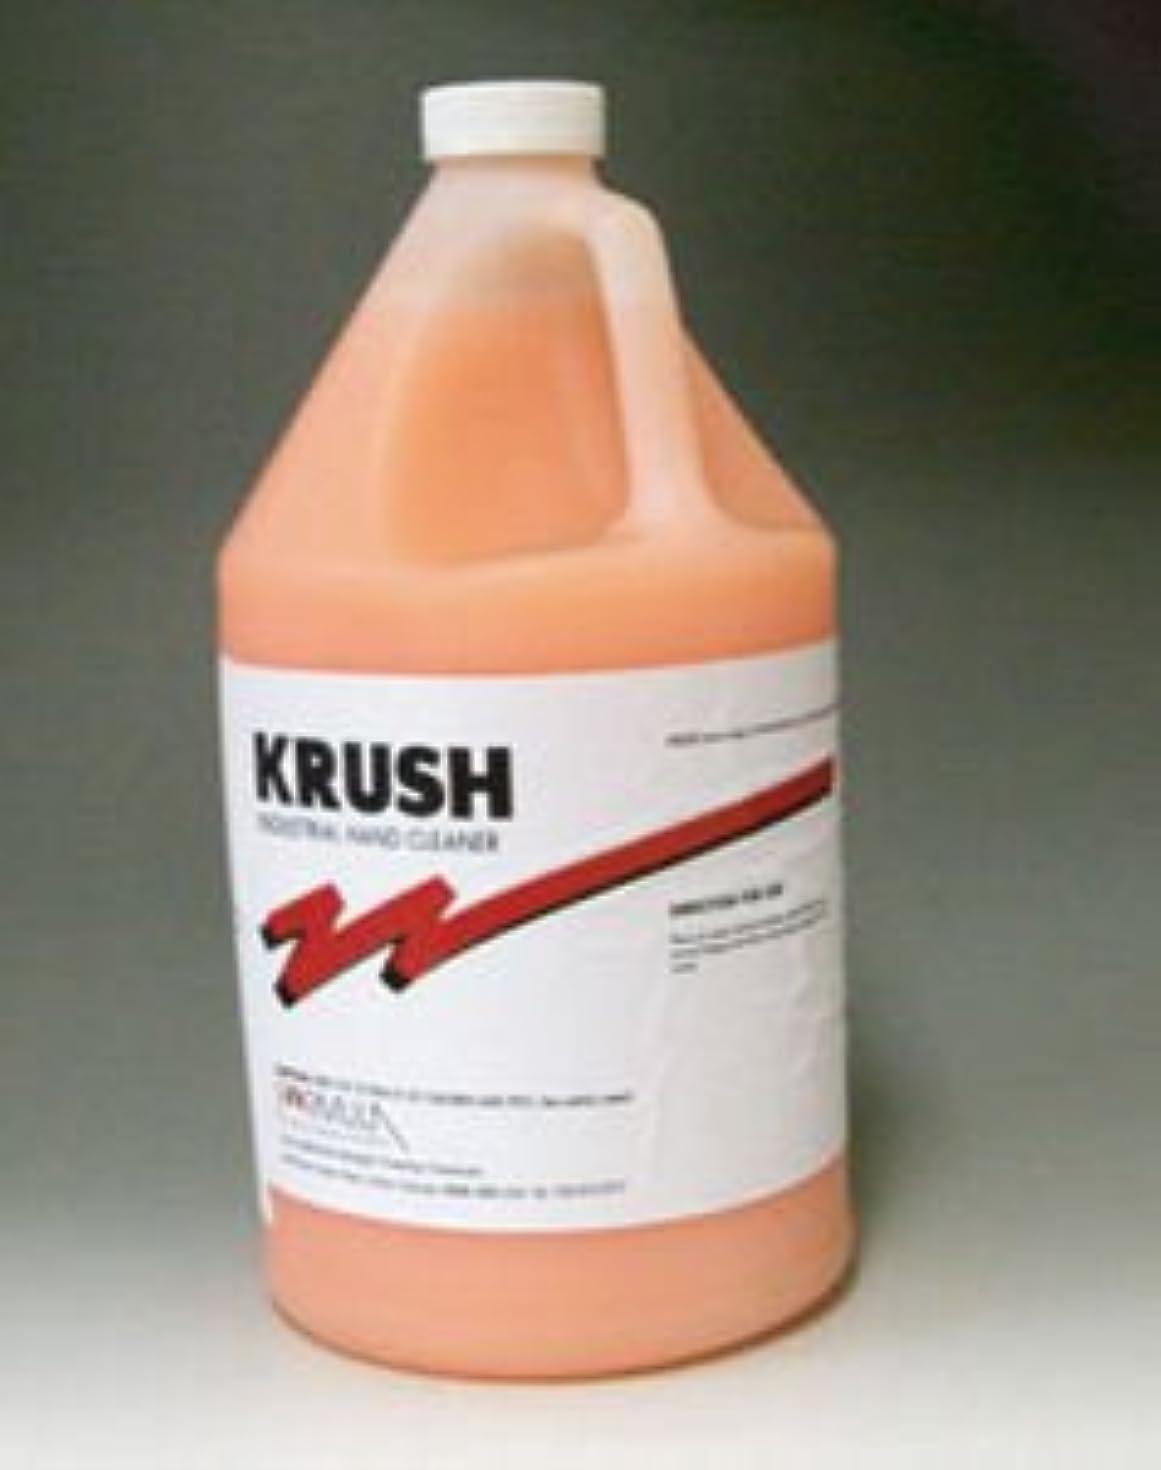 異常な誘惑する包帯クラッシュ 3.8L [106041] 工業用手洗い石鹸